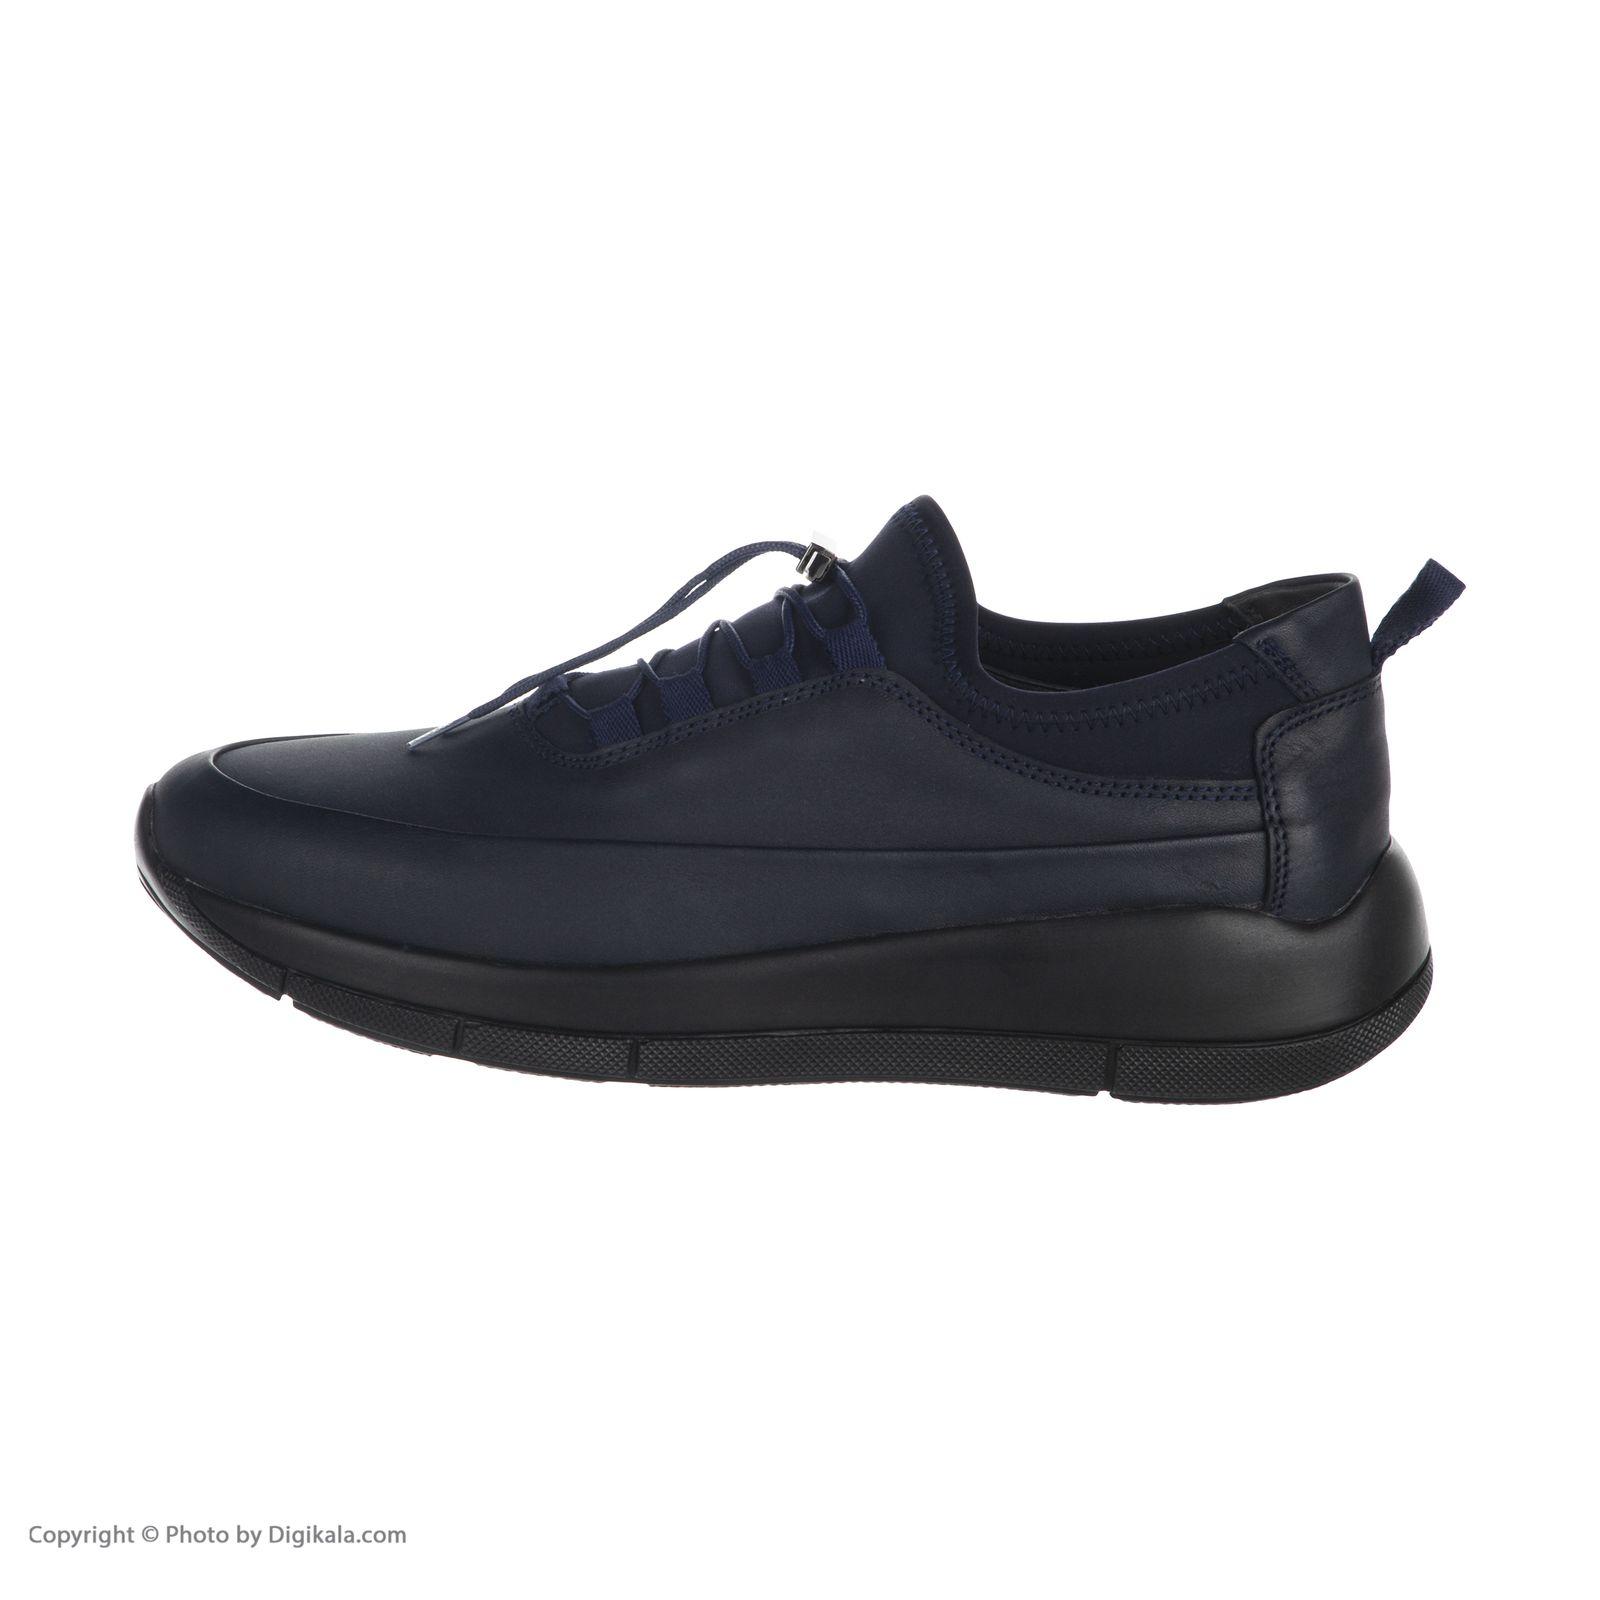 کفش روزمره مردانه دانادل مدل 8607A503103 -  - 1